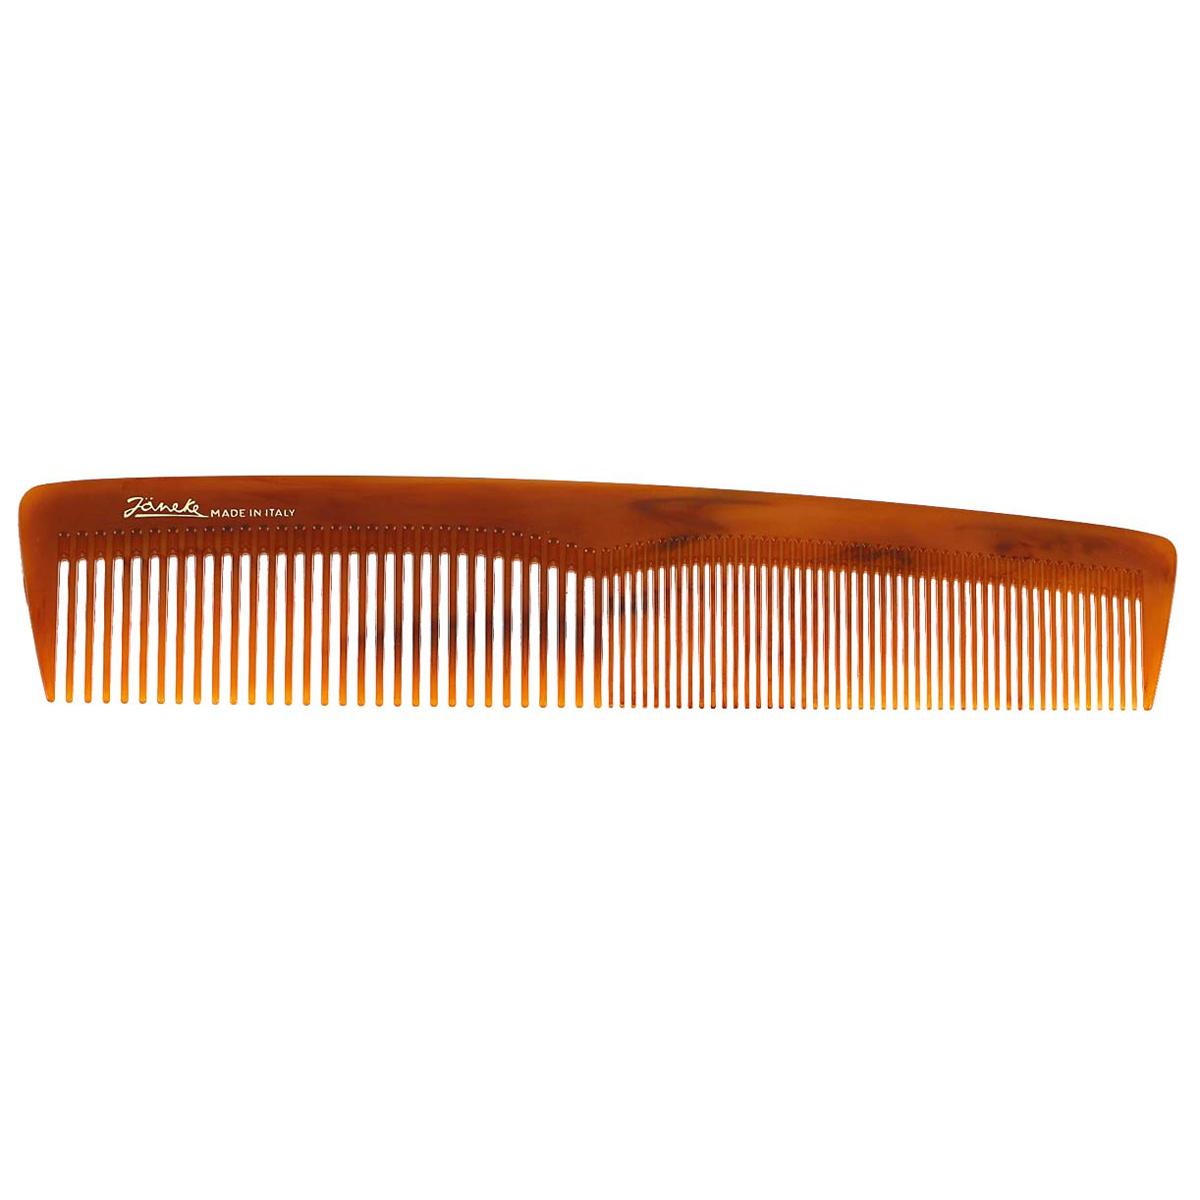 Janeke Расческа для волос. 78803MP59.4DМарка Janeke – мировой лидер по производству расчесок, щеток, маникюрных принадлежностей, зеркал и косметичек. Марка Janeke, основанная в 1830 году, вот уже почти 180 лет поддерживает непревзойденное качество своей продукции, сочетая новейшие технологии с традициями ста- рых миланских мастеров. Все изделия на 80% производятся вручную, а инновационные технологии и современные материалы делают продукцию марки поистине уникальной. Стильный и эргономичный дизайн, яркие цветовые решения – все это приносит истин- ное удовольствие от использования аксессуаров Janeke. Пластиковая линия из высококачественного сырья, большое разнообразие моделей и цветов, кончик расчески специально закруглен, чтобы предотвратить разрыв волоса